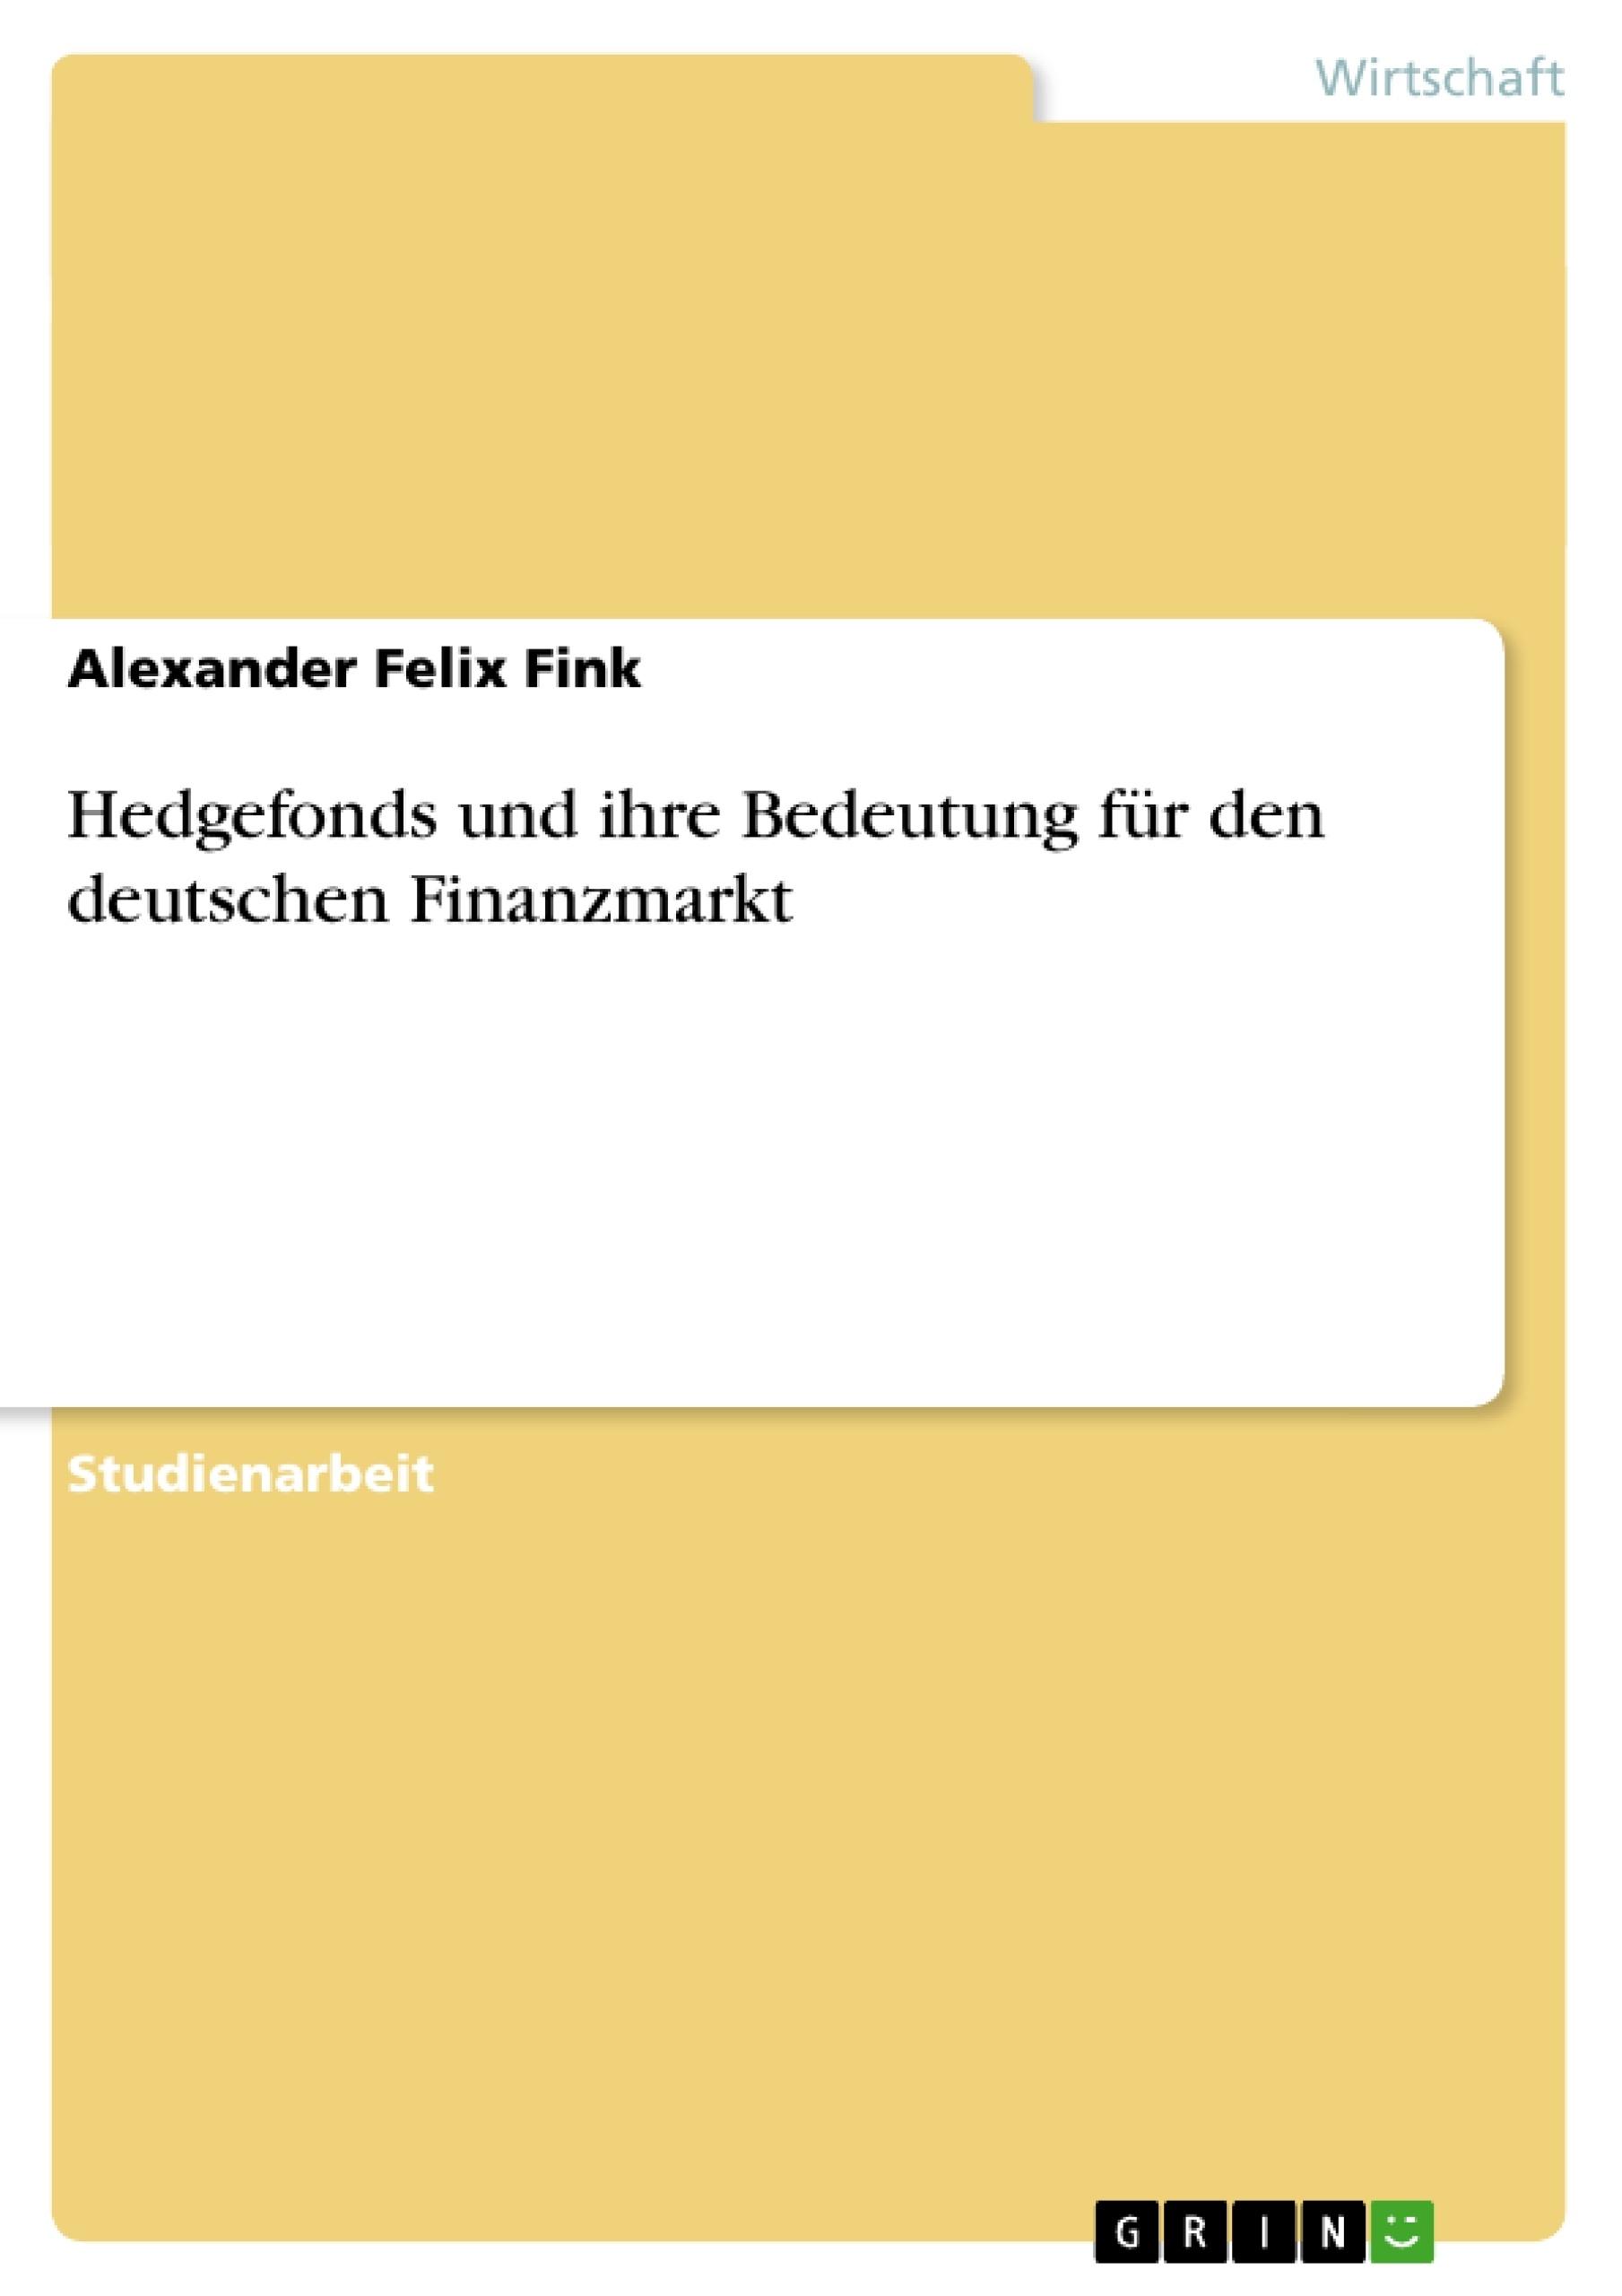 Titel: Hedgefonds und ihre Bedeutung für den deutschen Finanzmarkt